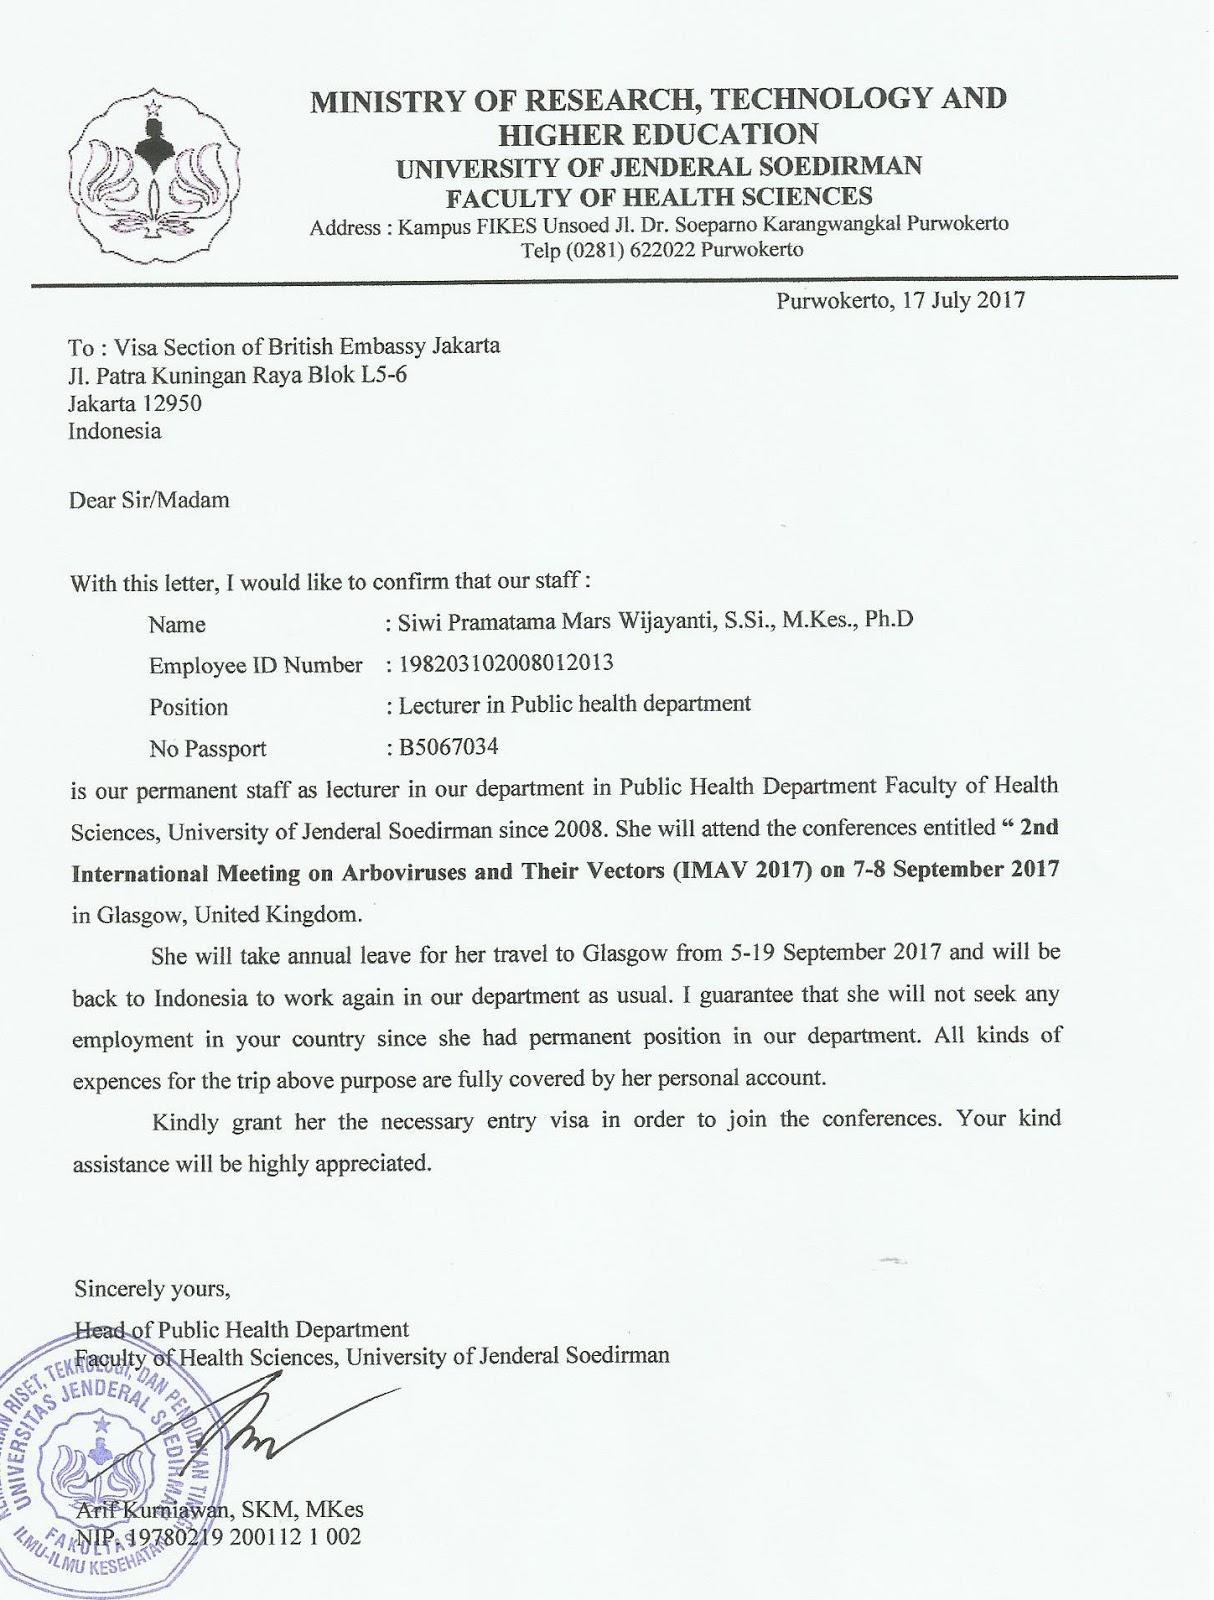 Contoh Surat Izin Suami Untuk Visa Uk - Kumpulan Contoh Surat